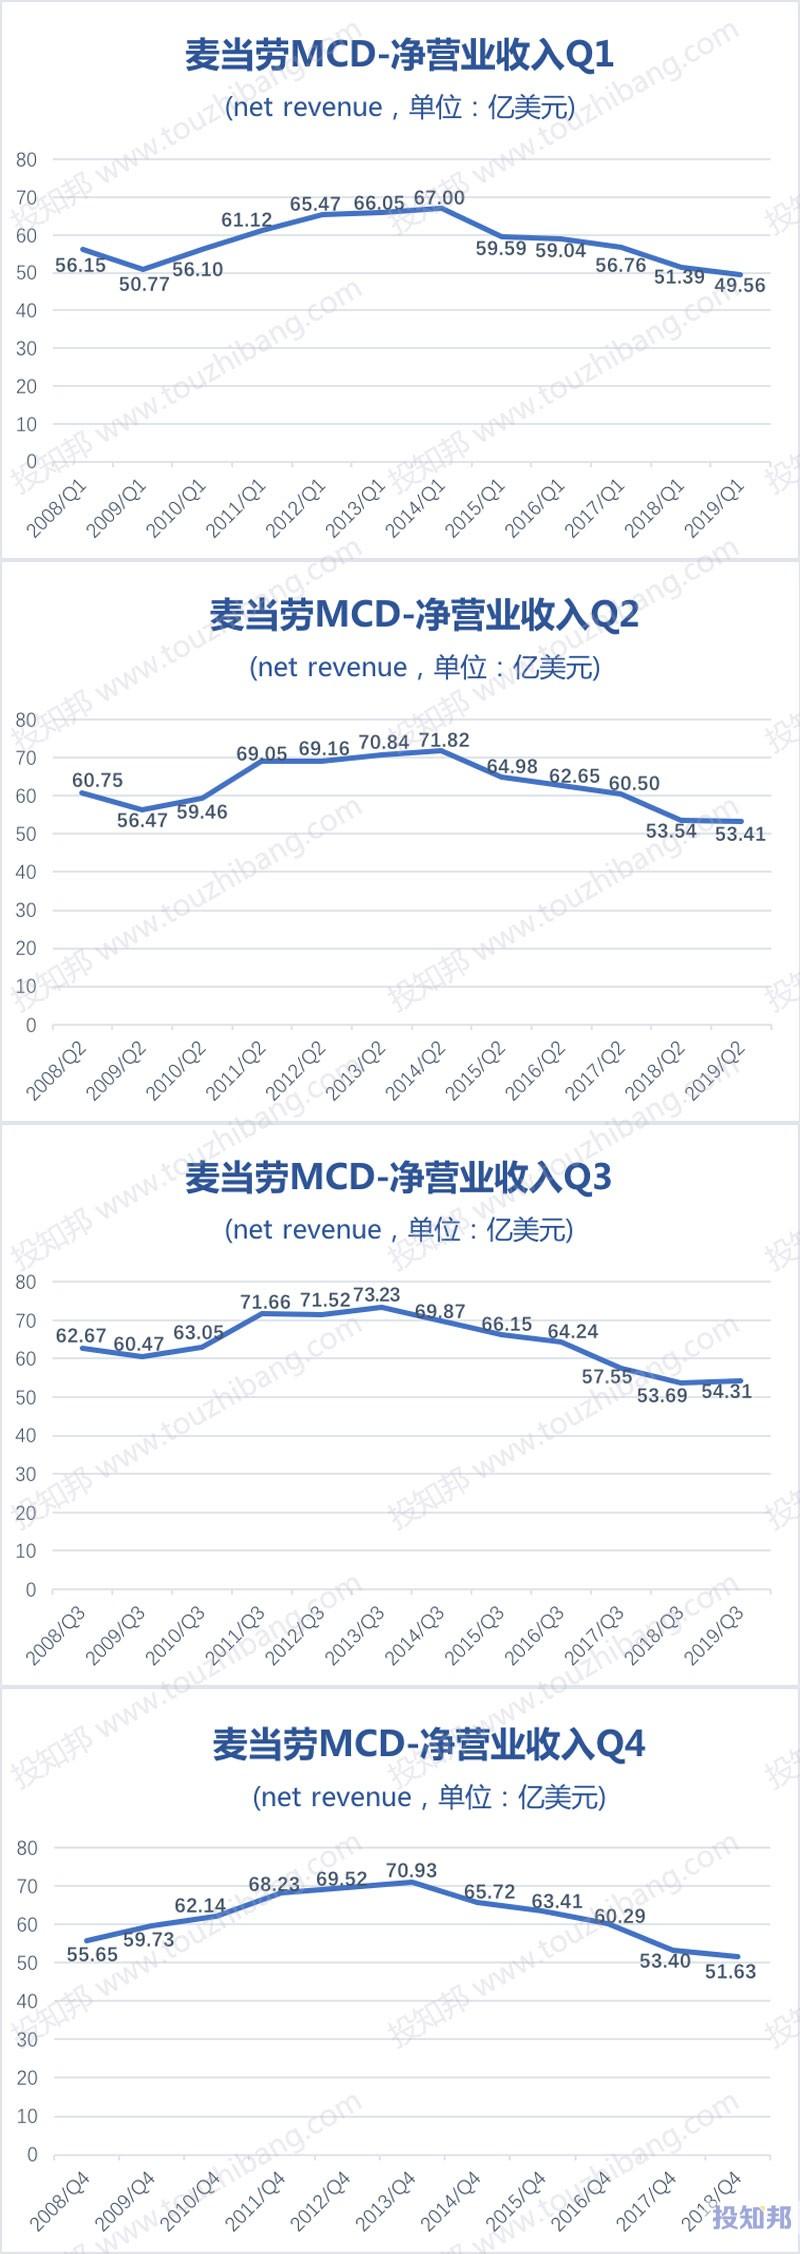 图解麦当劳(MCD)财报数据(2008年~2019年Q3)